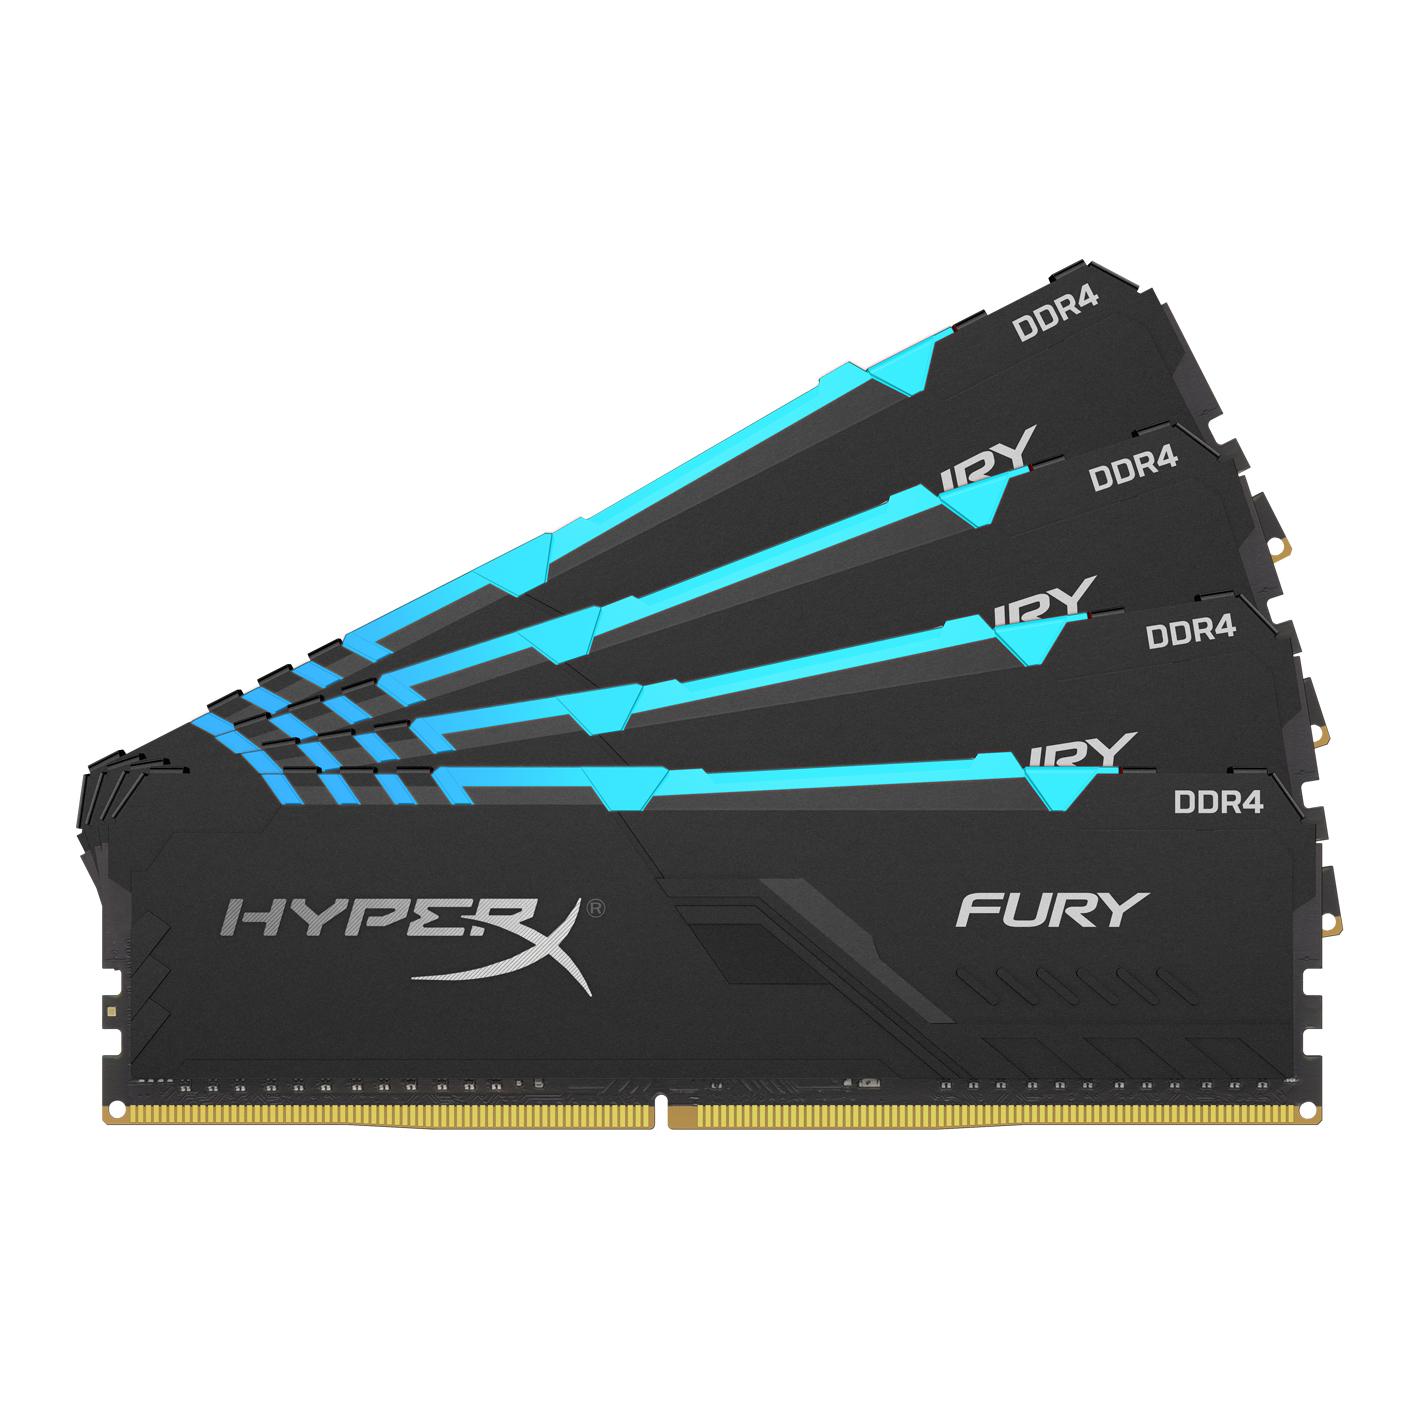 HyperX FURY HX436C17FB3AK4/32 memory module 32 GB DDR4 3600 MHz